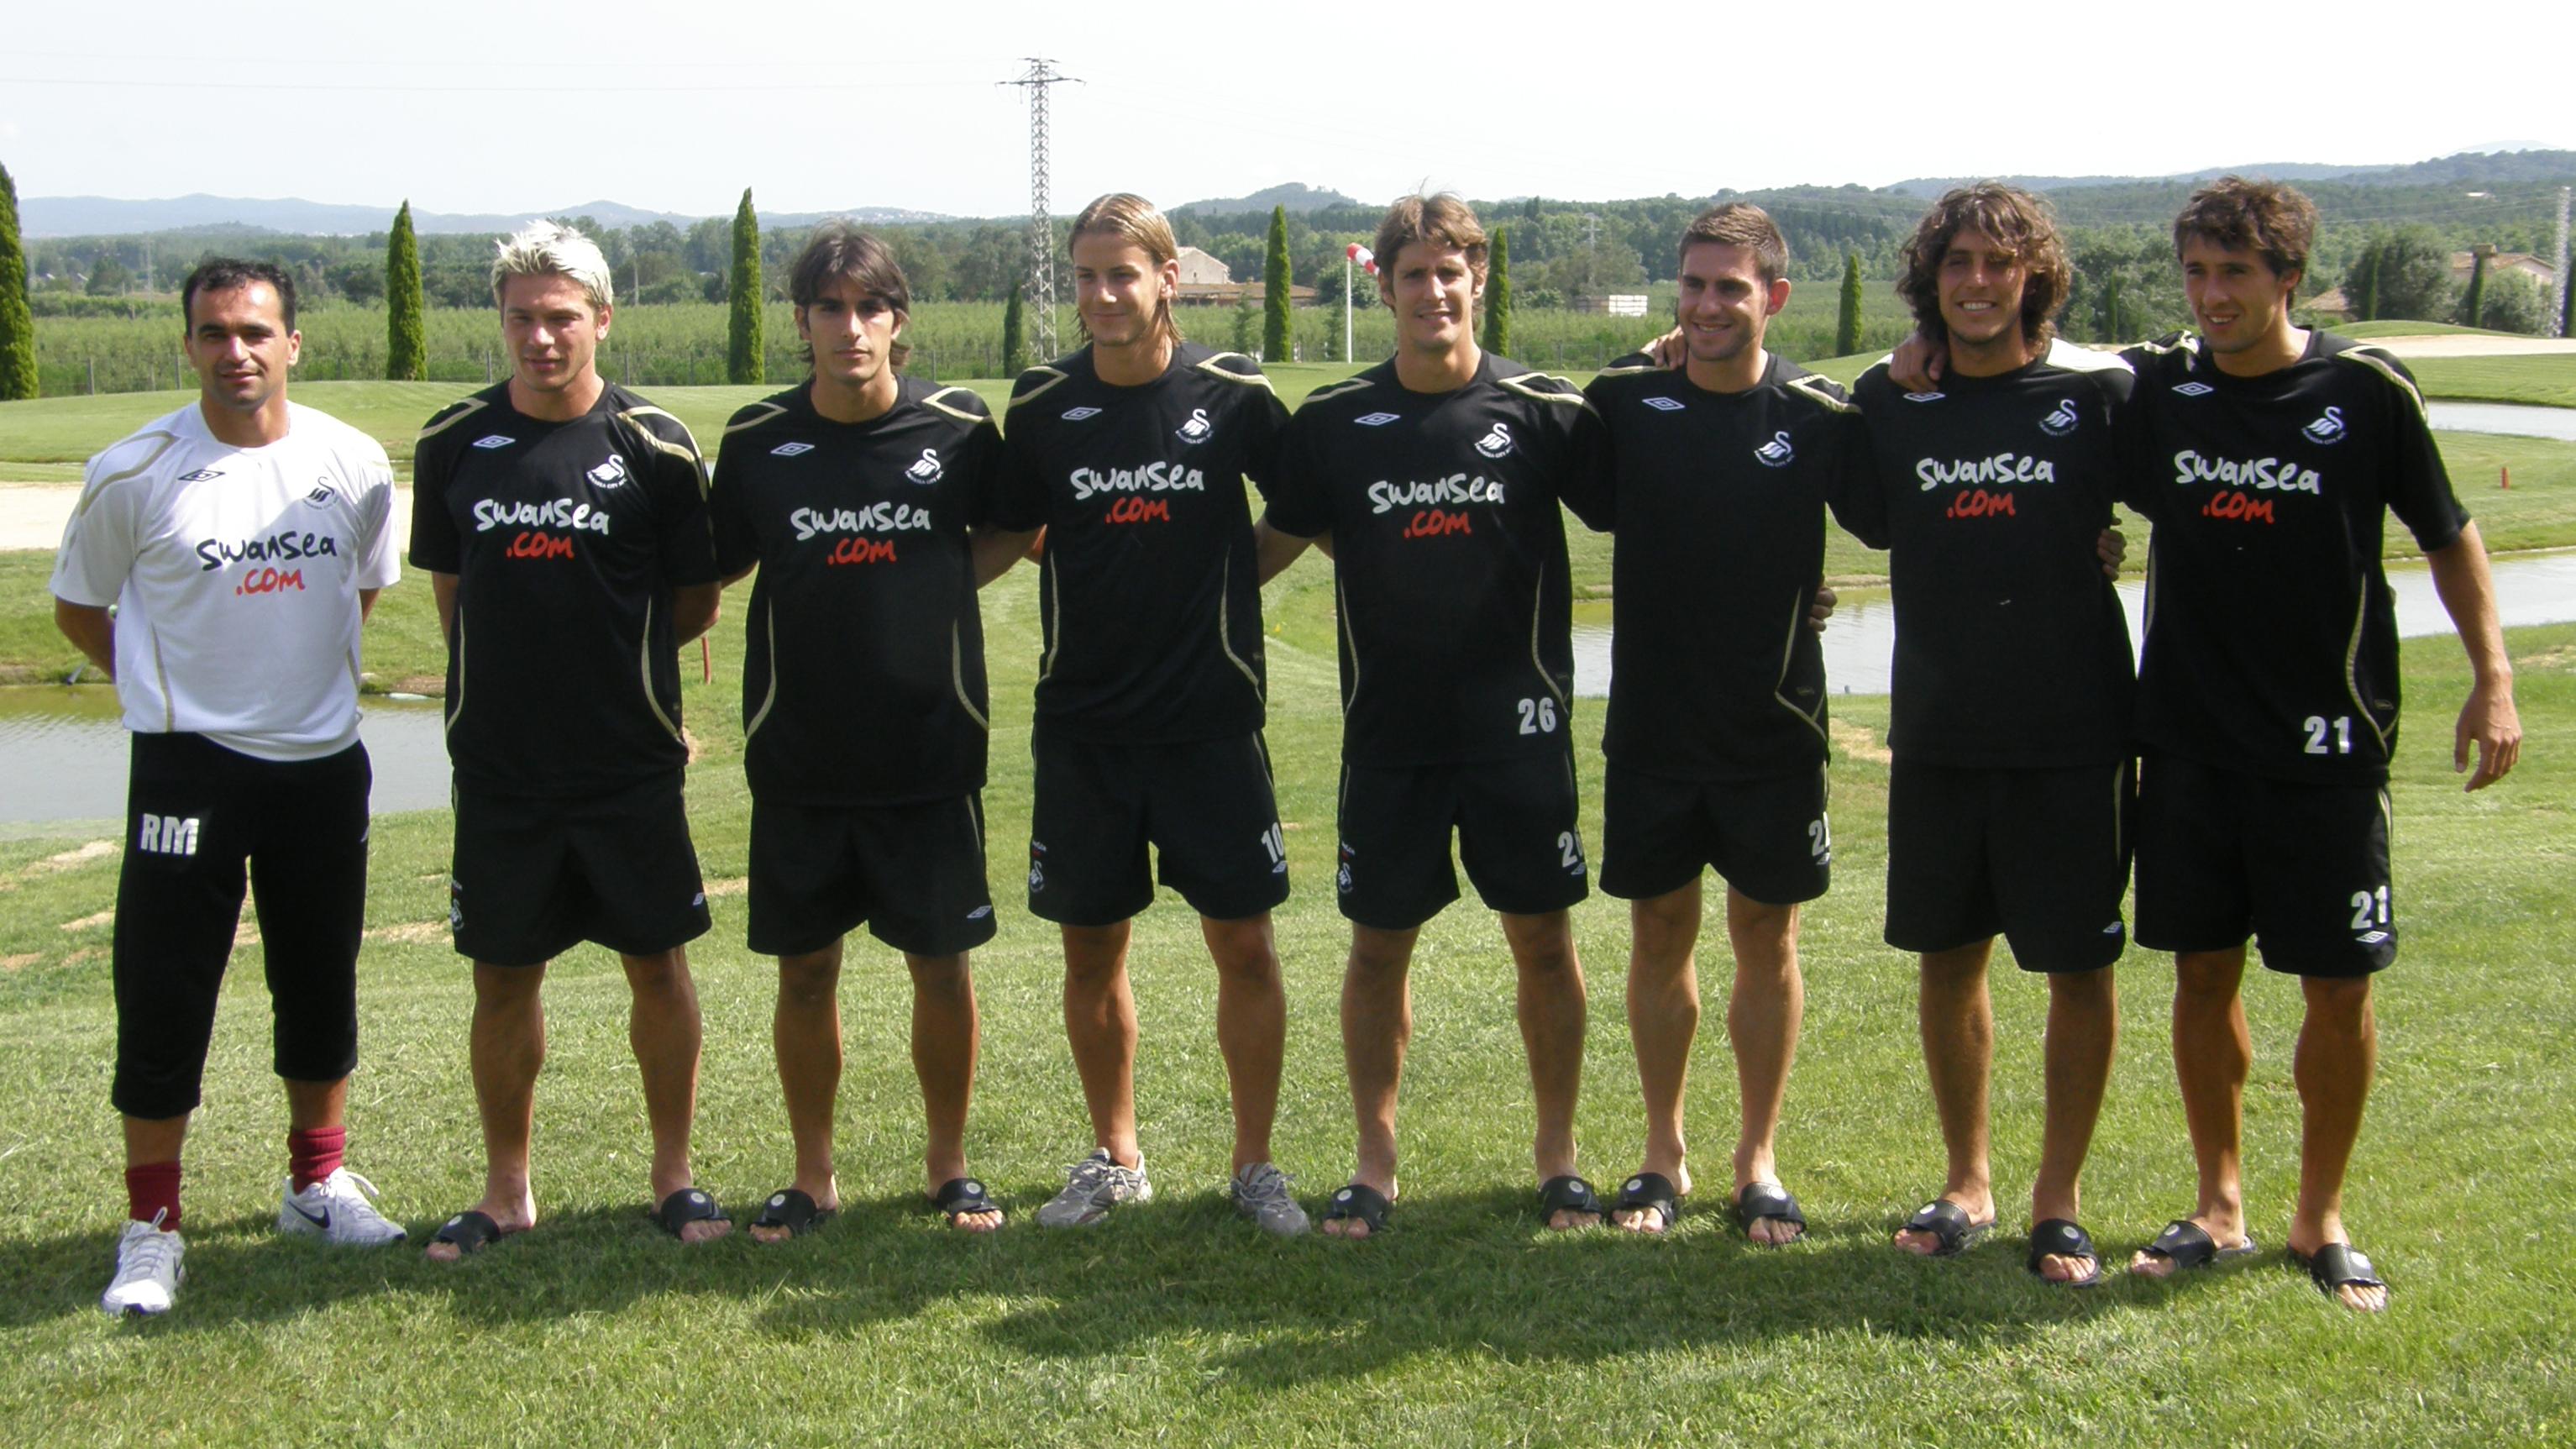 Spanish Swans Martinez